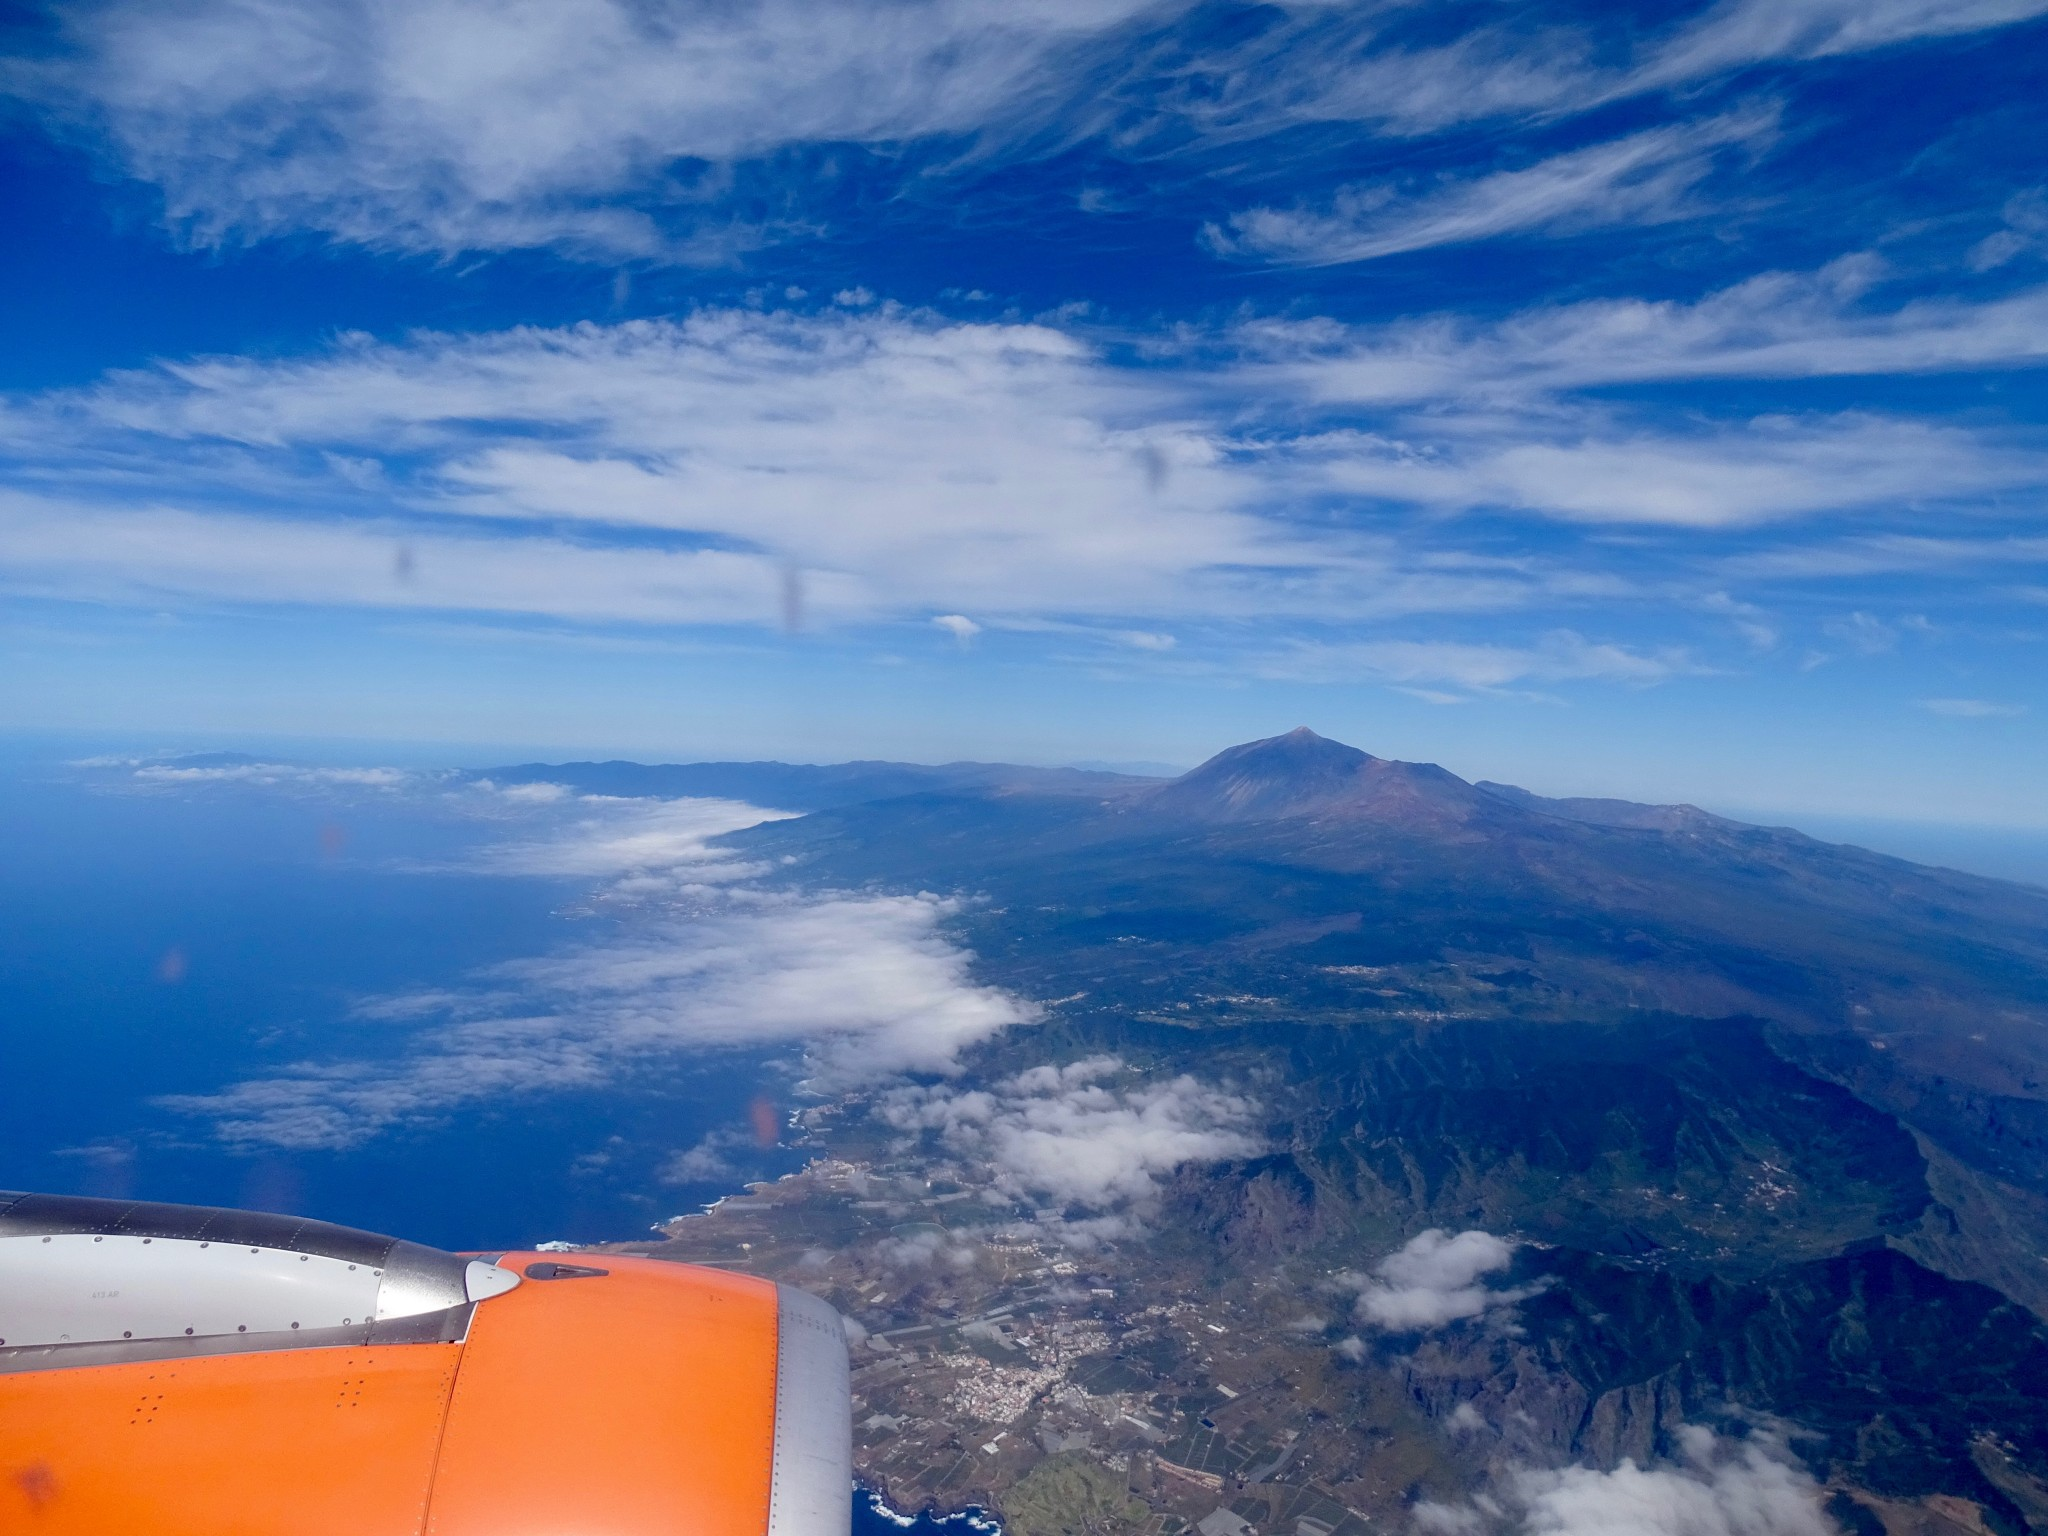 Approaching Tenerife